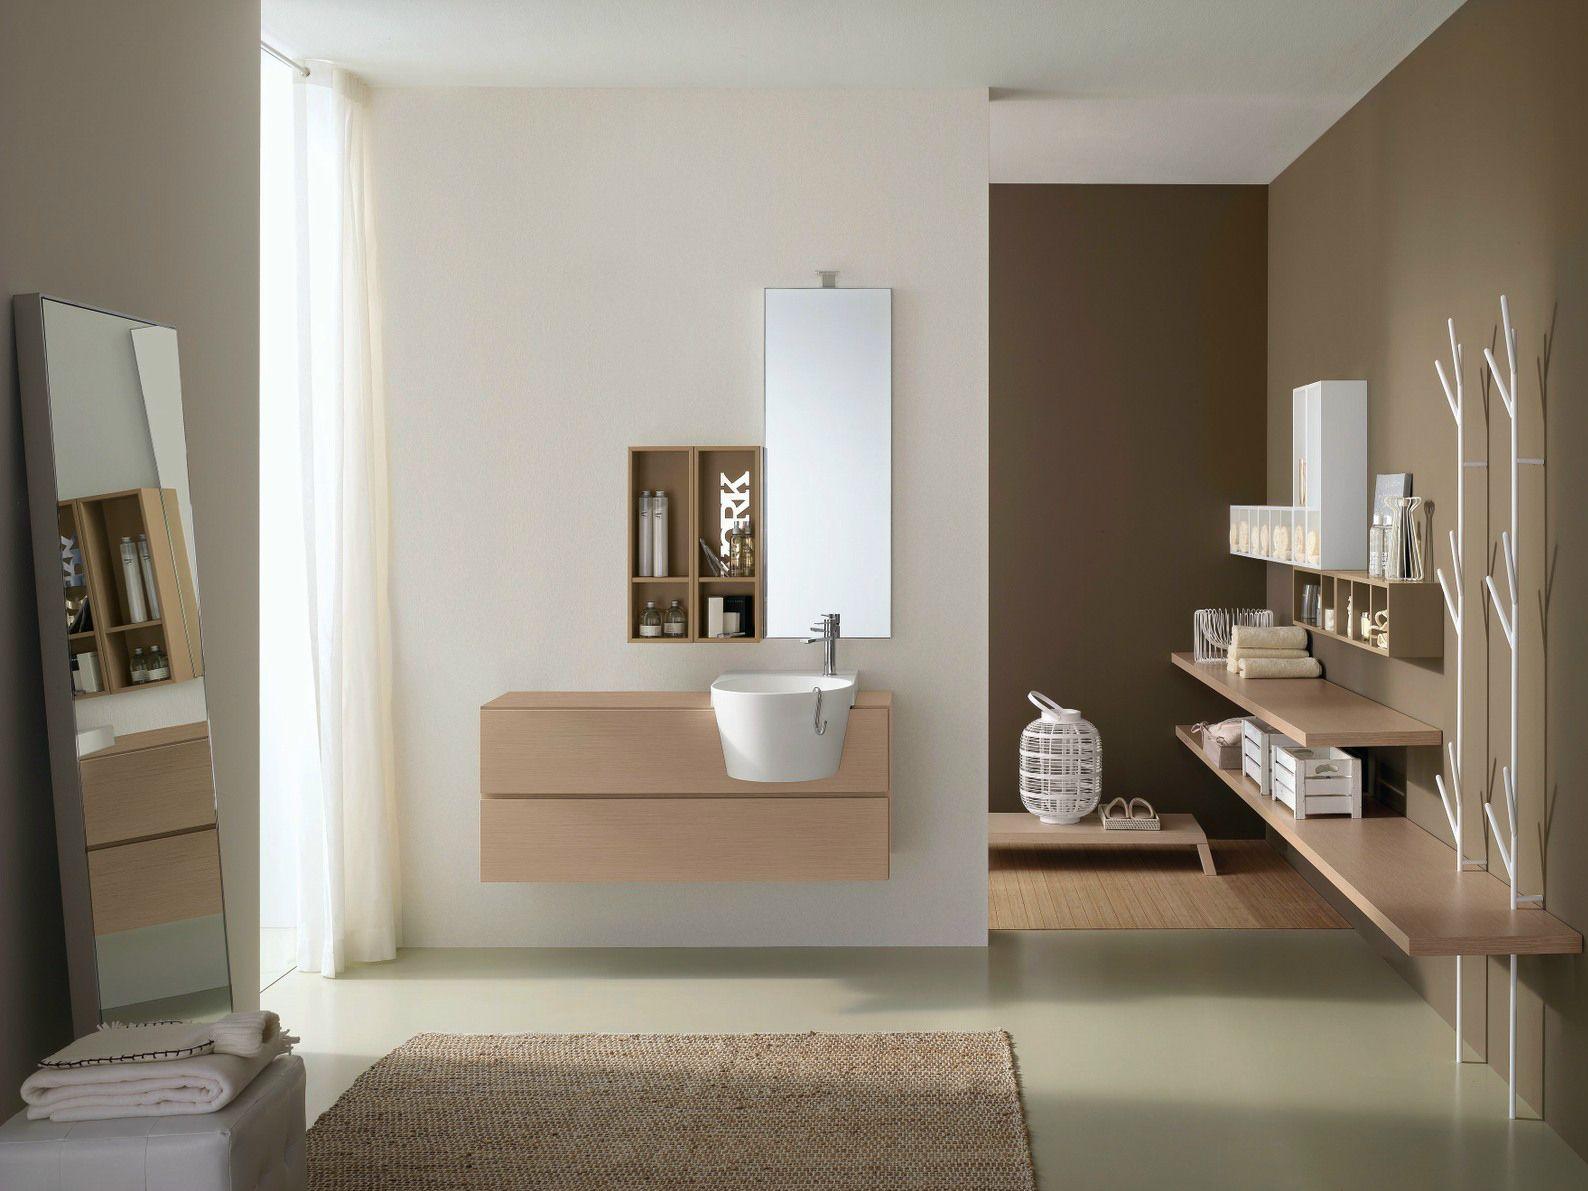 Arredo bagno completo CANESTRO - COMPOSIZIONE C12 by NOVELLO design ...